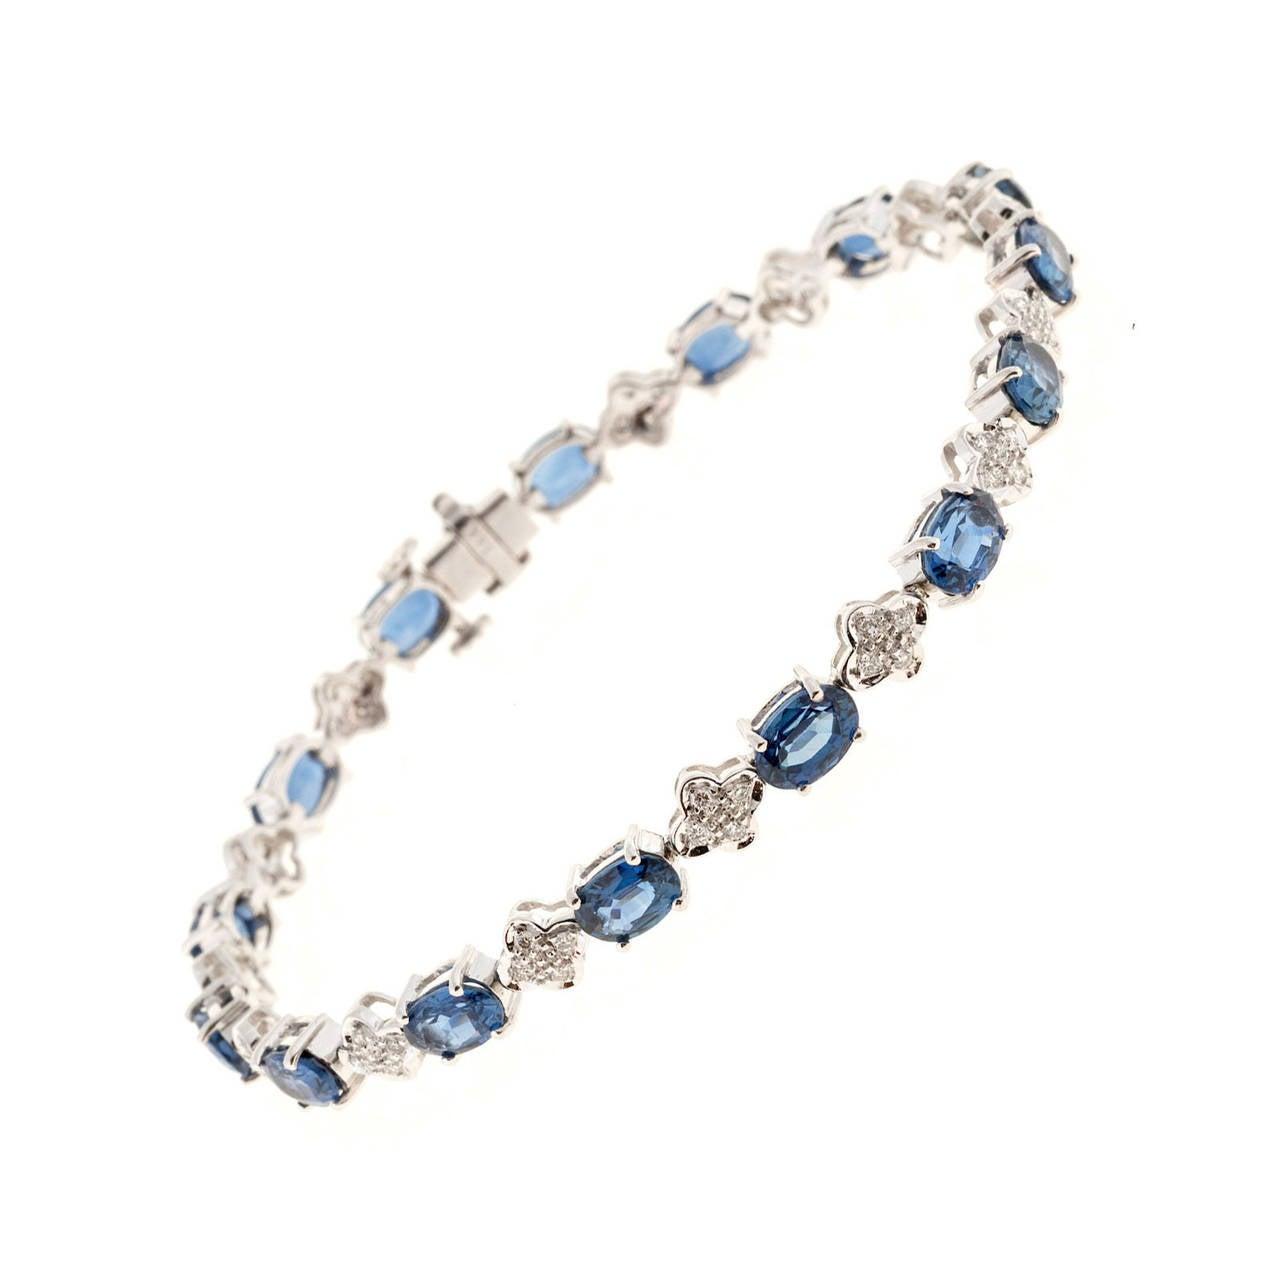 Oval Sapphire Diamond Gold Link Bracelet